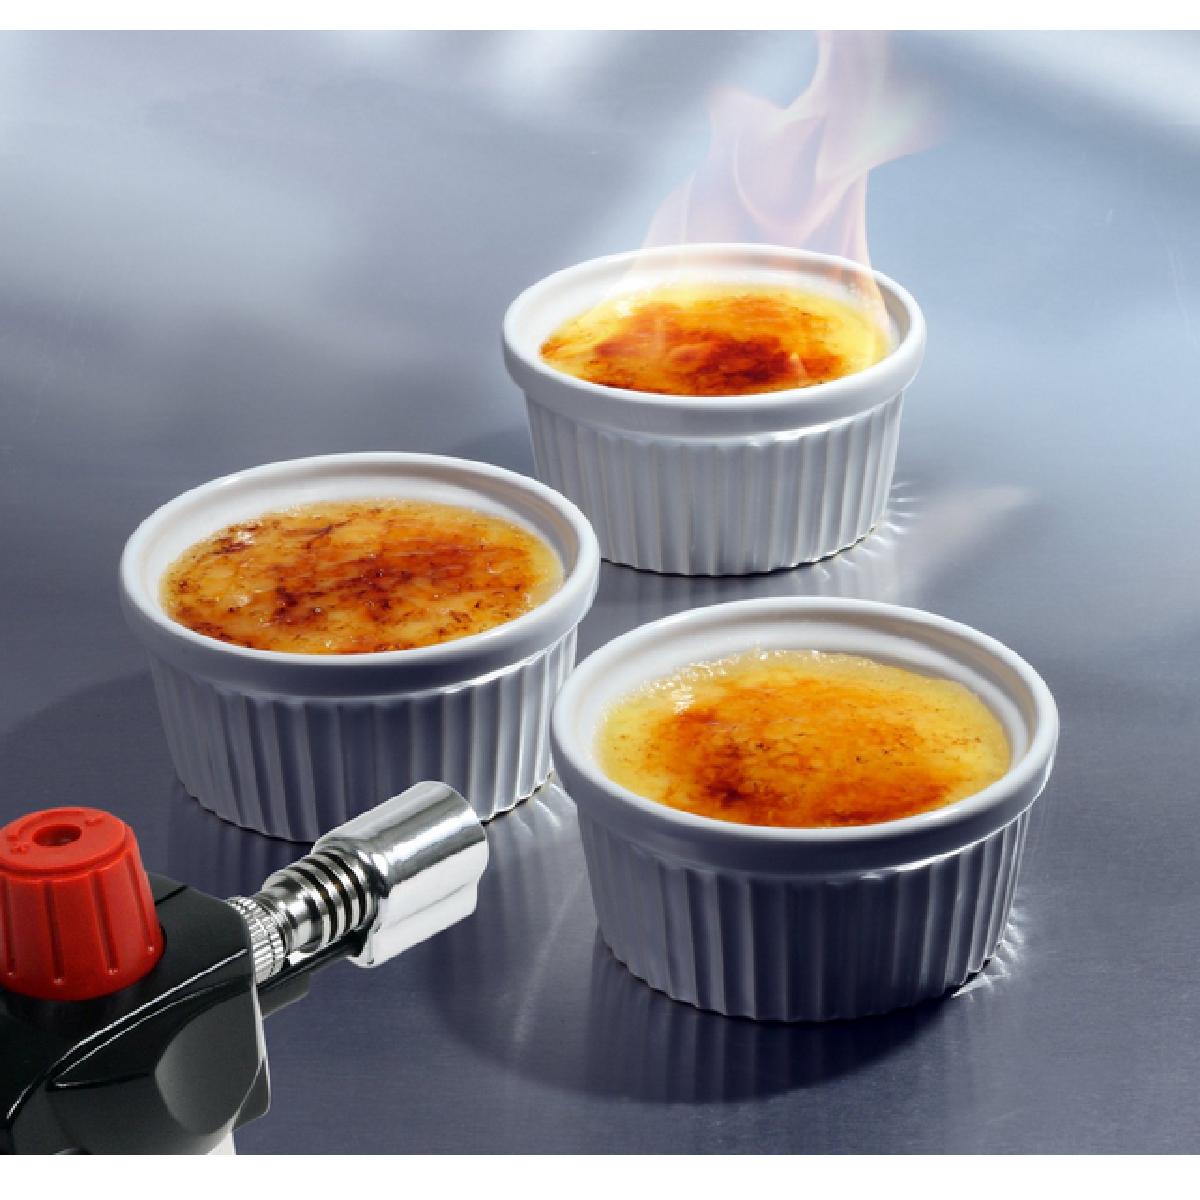 chalumeau de cuisine pour crème brûlée en ligne, chef torche au